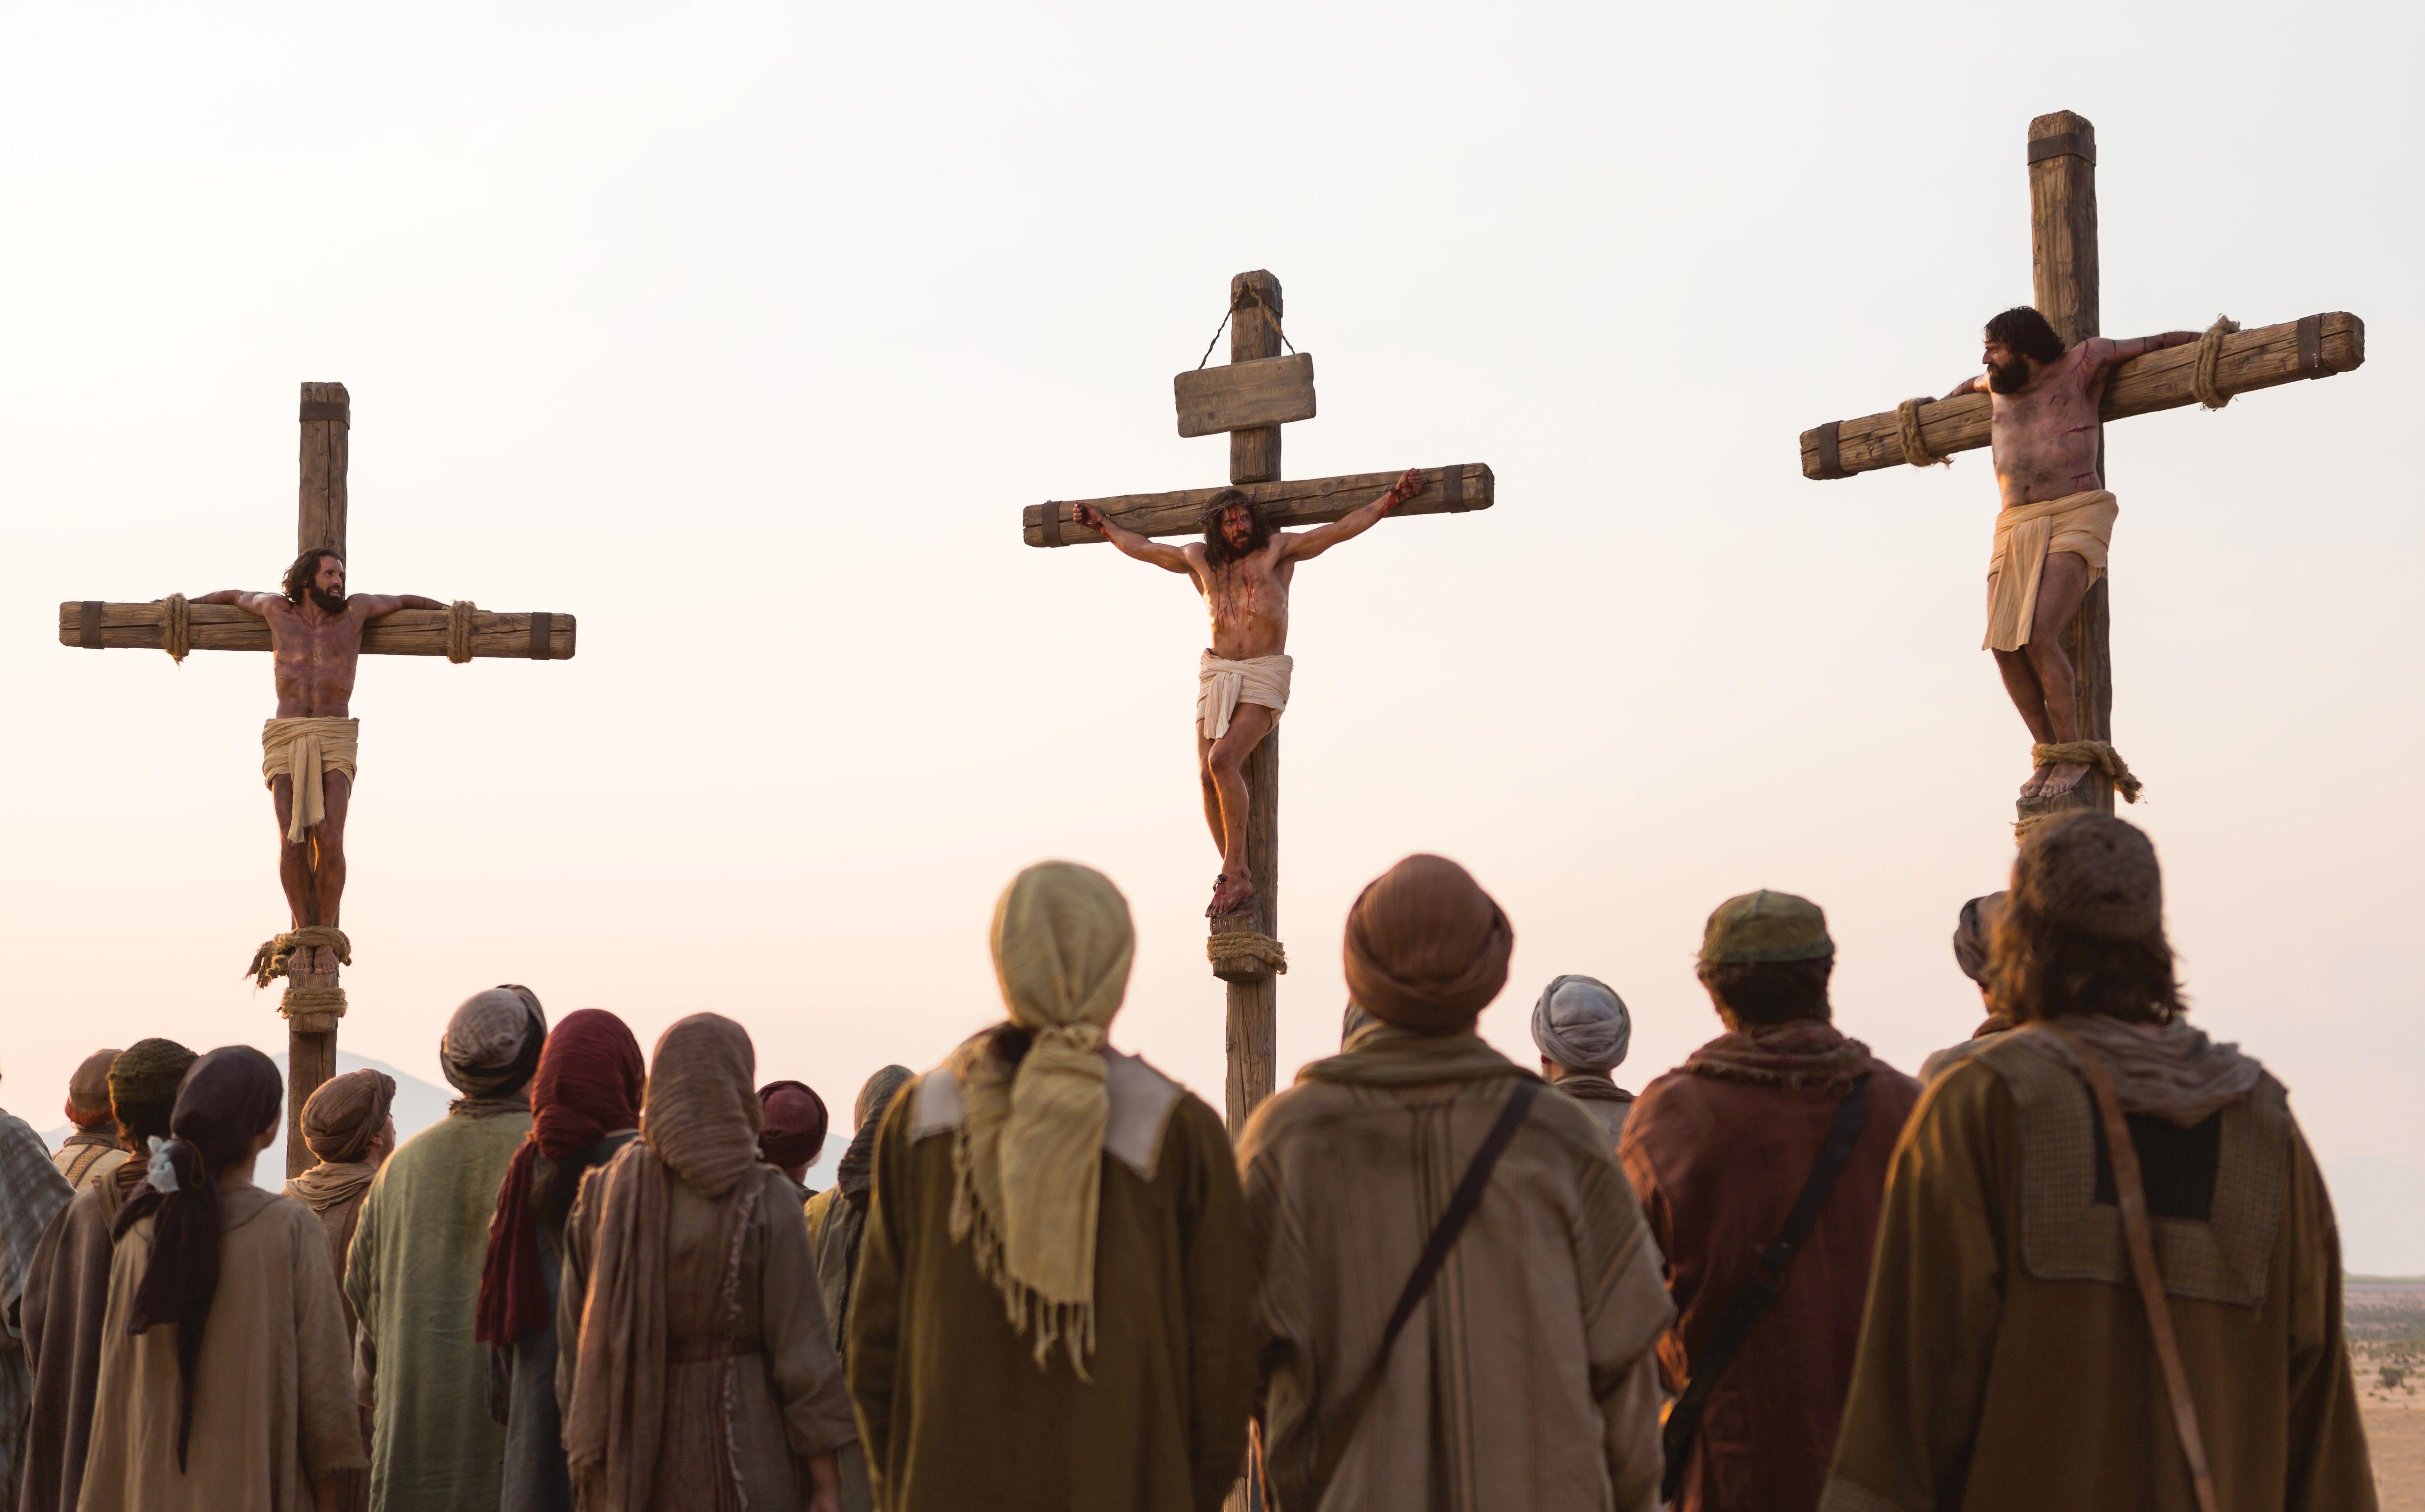 Jesus on the cross between two criminals.